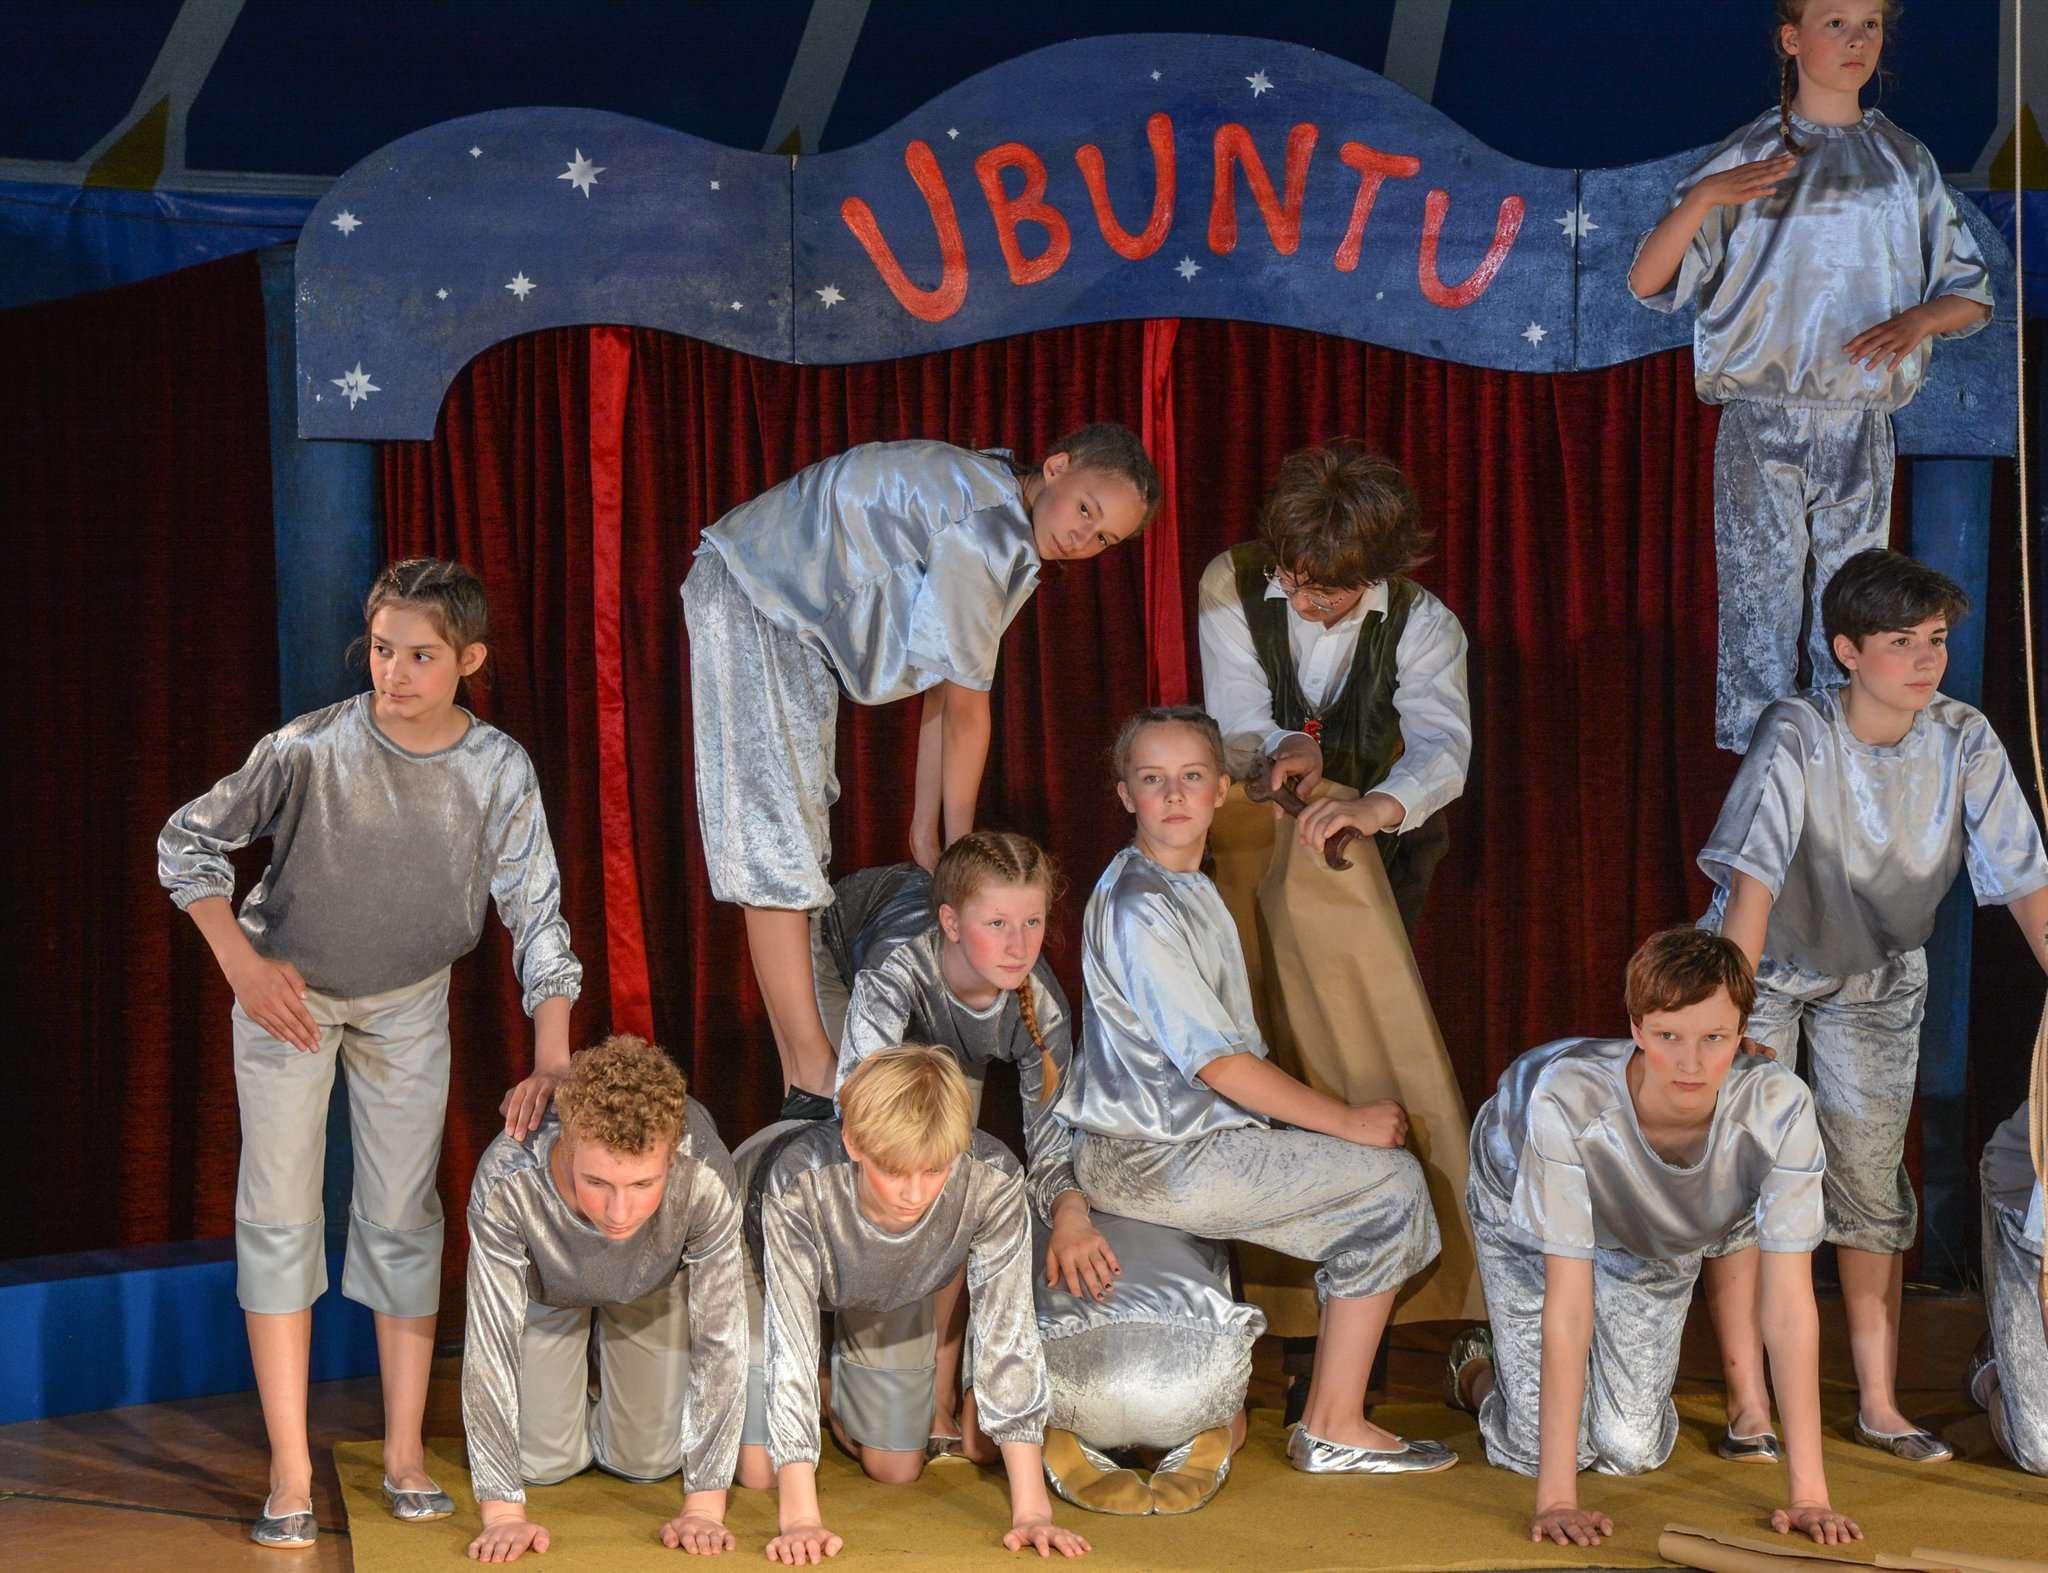 Der Mitmachzirkus Ubuntu beendet seine Tournee auch in diesem Jahr in Ottersberg. Dort gastiert er vom 24. bis 26. Juli im Mühlenweg. Foto: Leonhard Peters